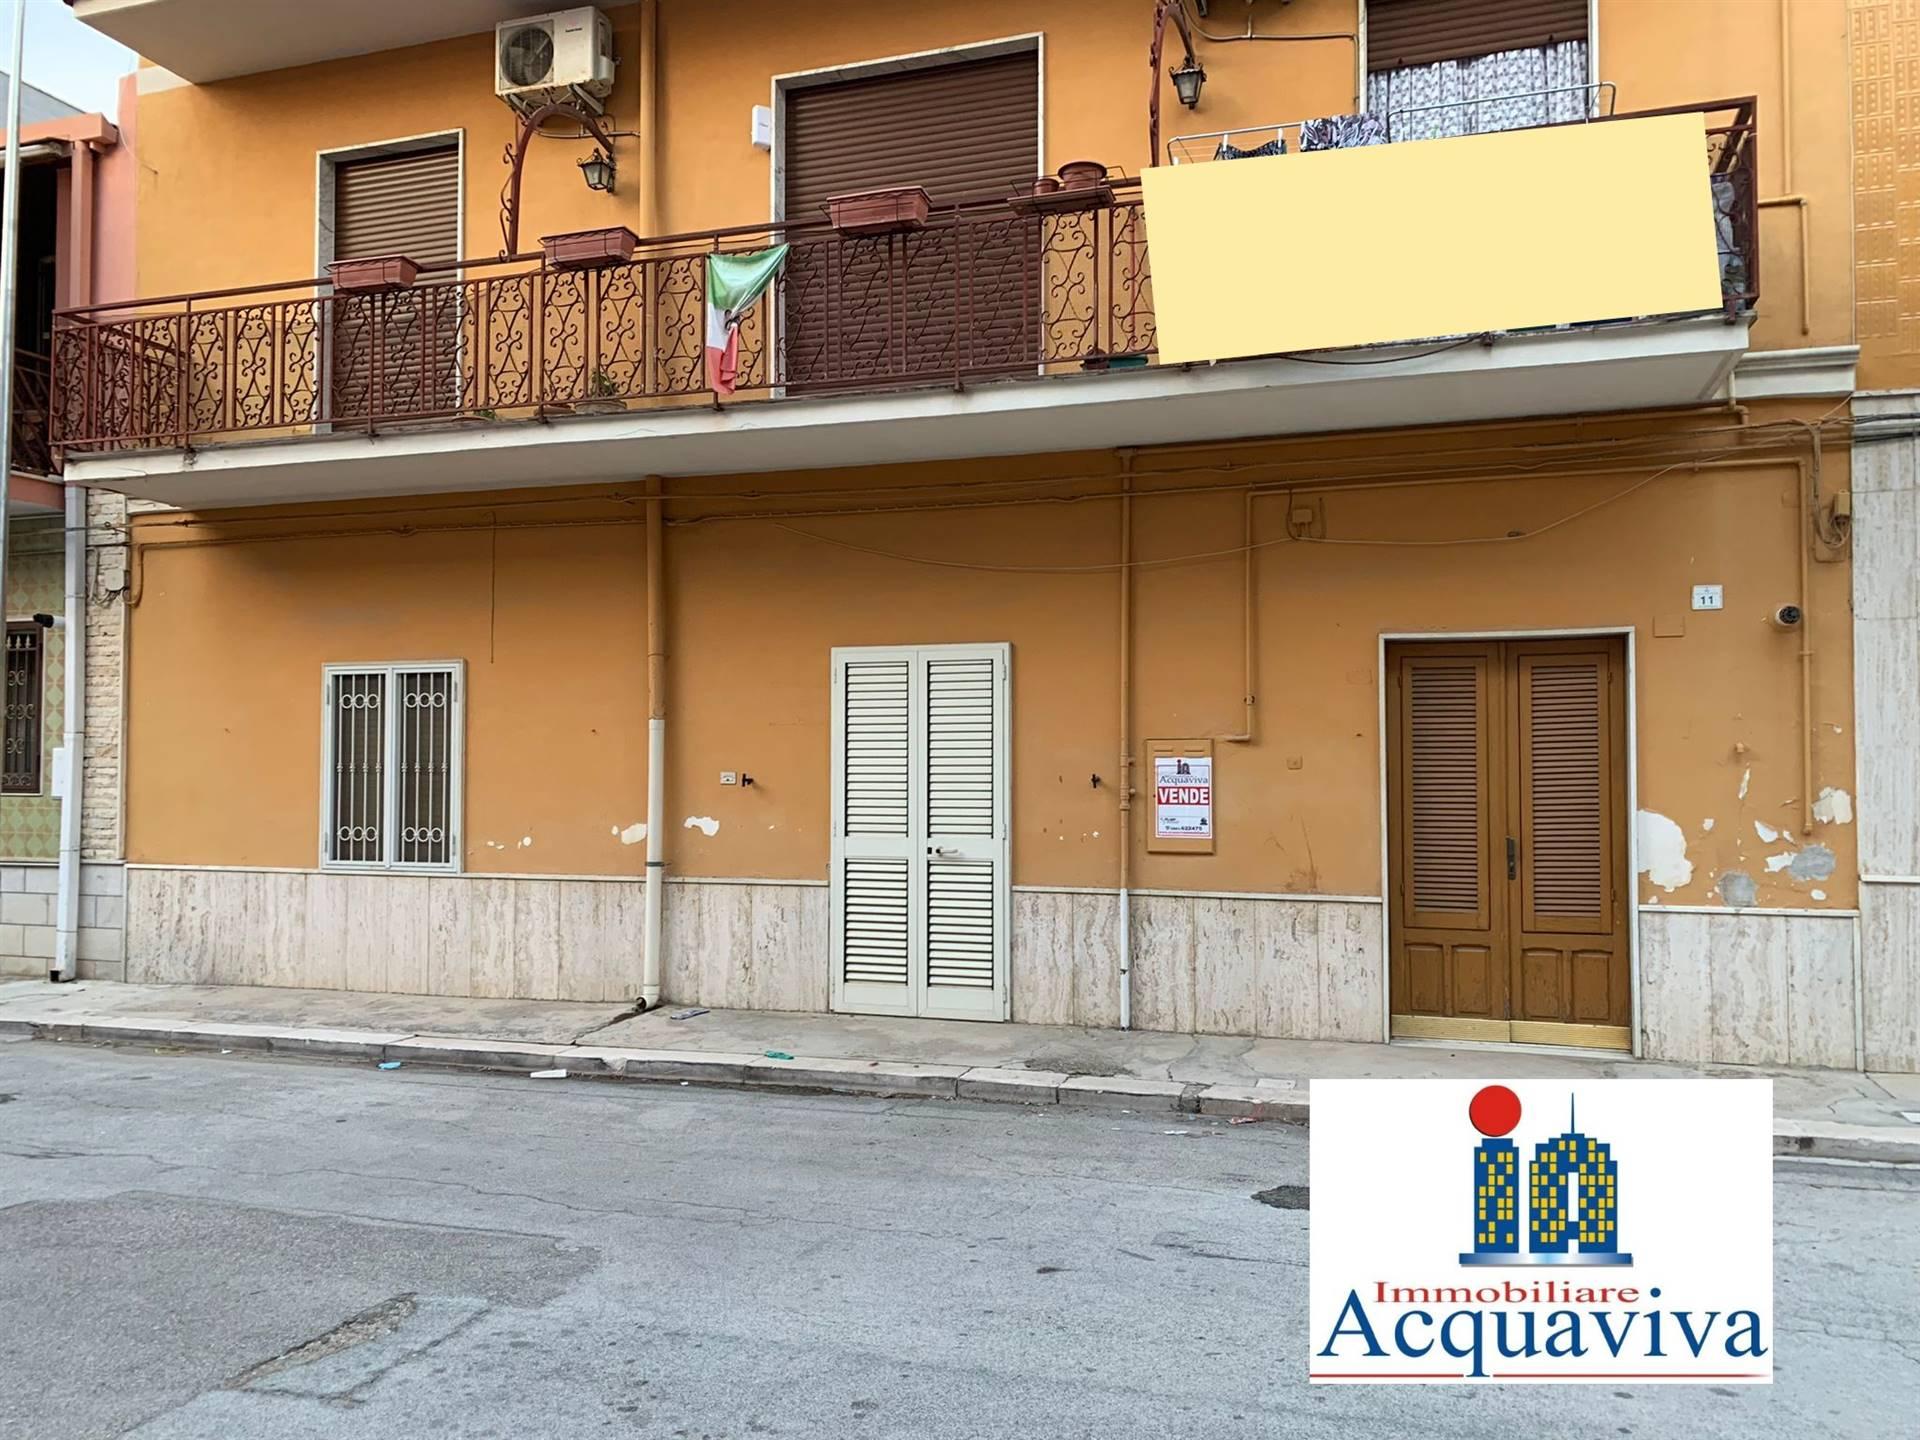 Abitazione indipendente a piano terra con accesso diretto alla strada, costituito da: -Ingresso-cucina, -Sala, -Camera matrimoniale, -Cameretta e bagno, -Ripostiglio più box.